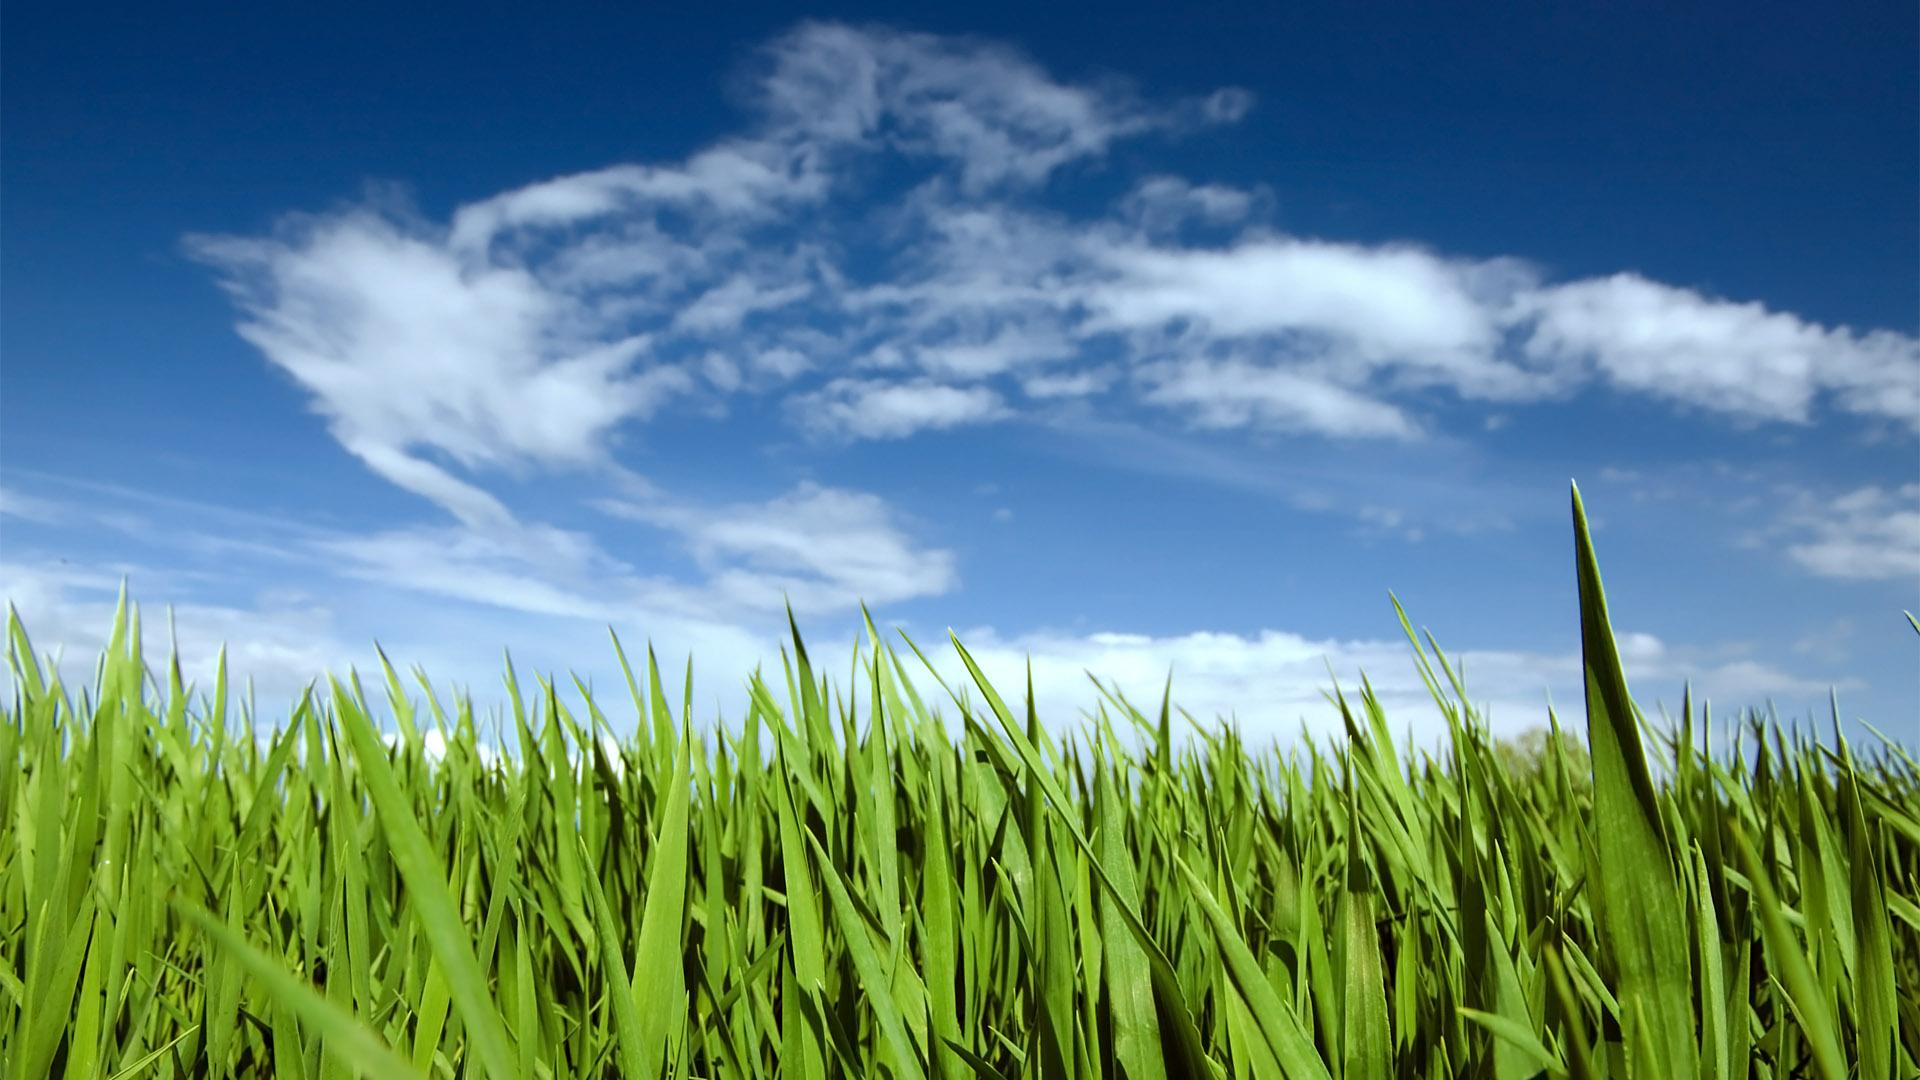 Windows 10 Wallpaper 1080p Full Hd Grass With Blue Sky Hd Desktop